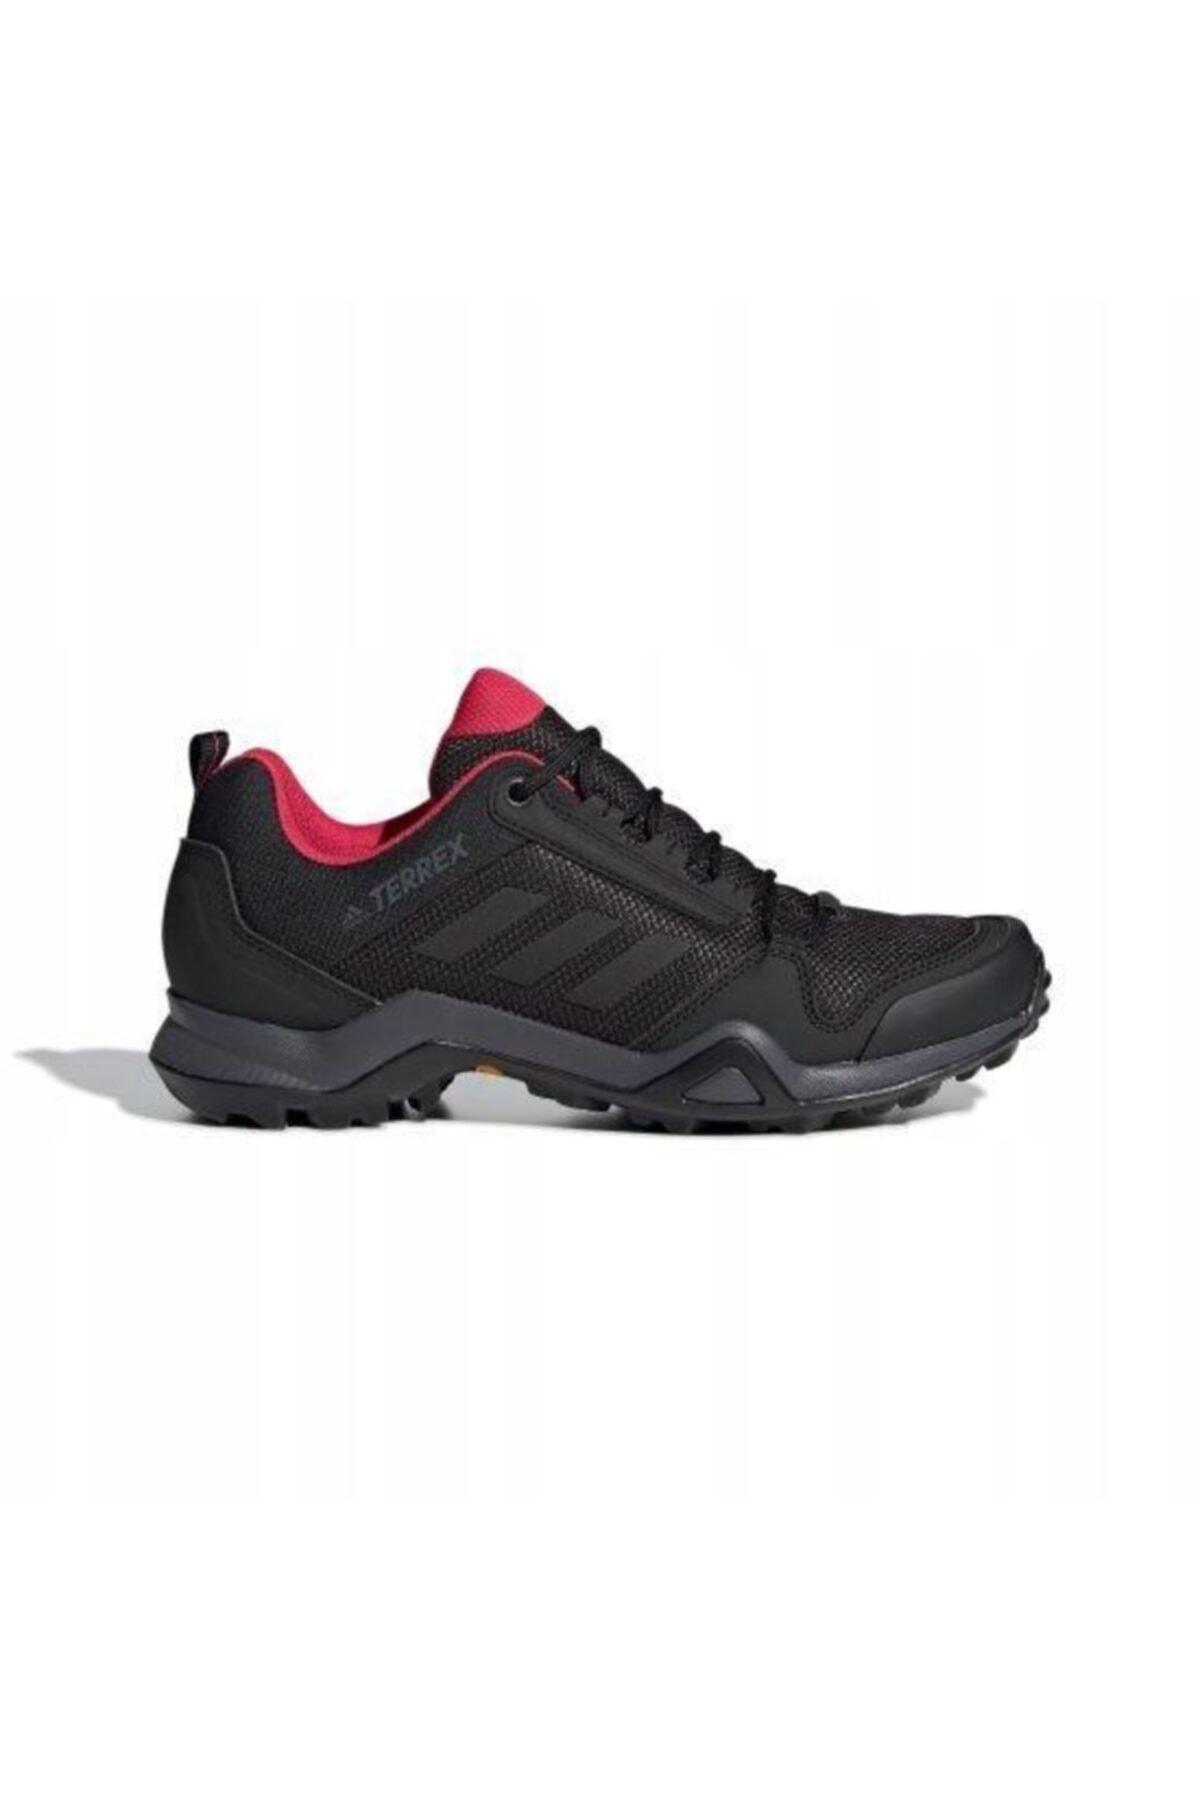 Terrex Ax3 W Bb9519 Kadın Outdoor Ayakkabı